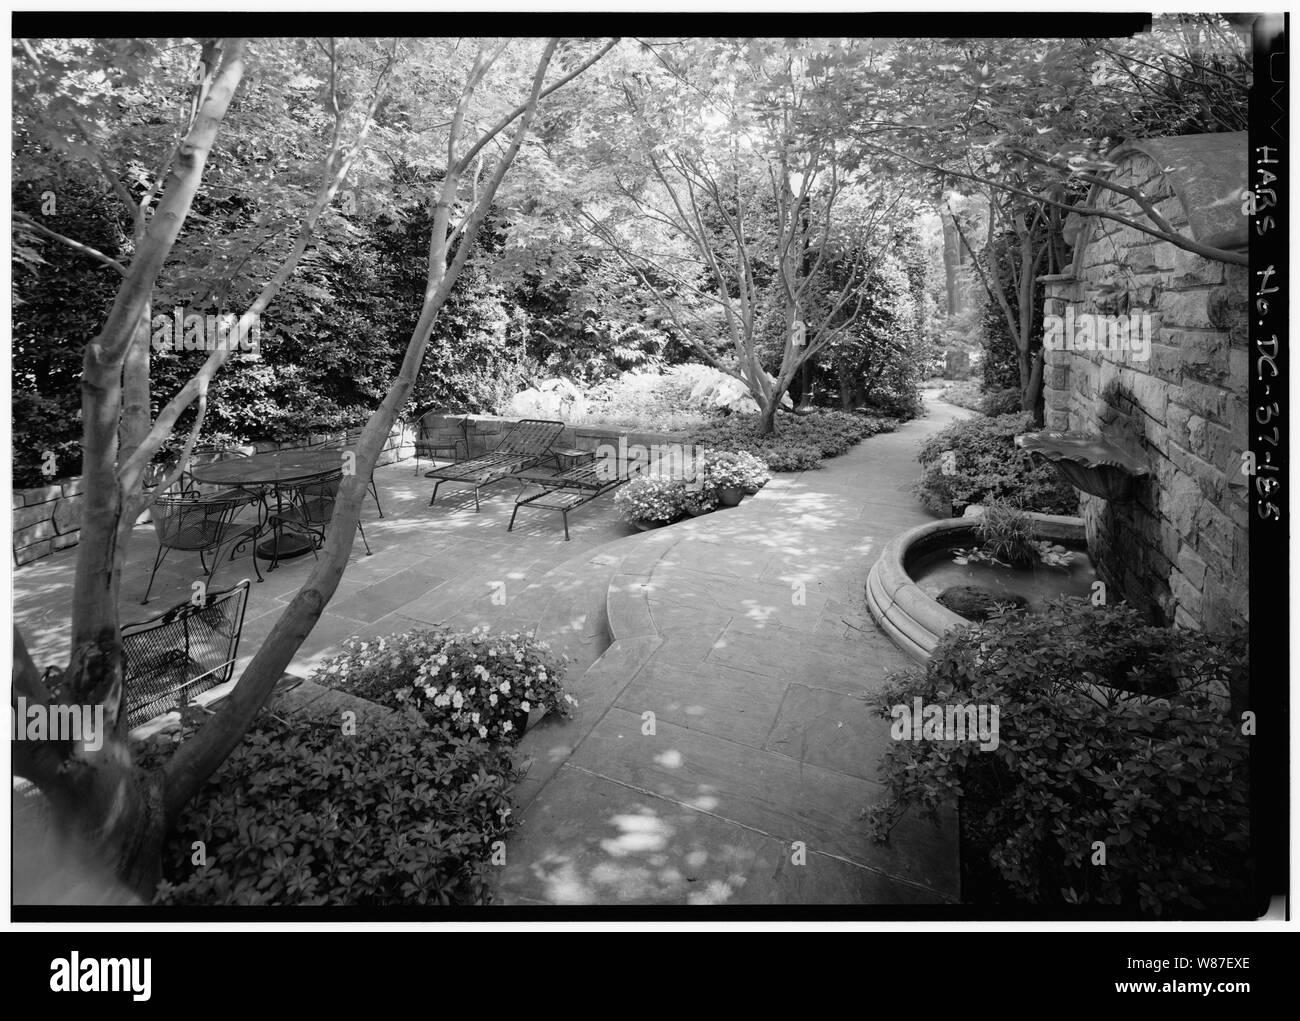 Washington Avenue Black and White Stock Photos & Images